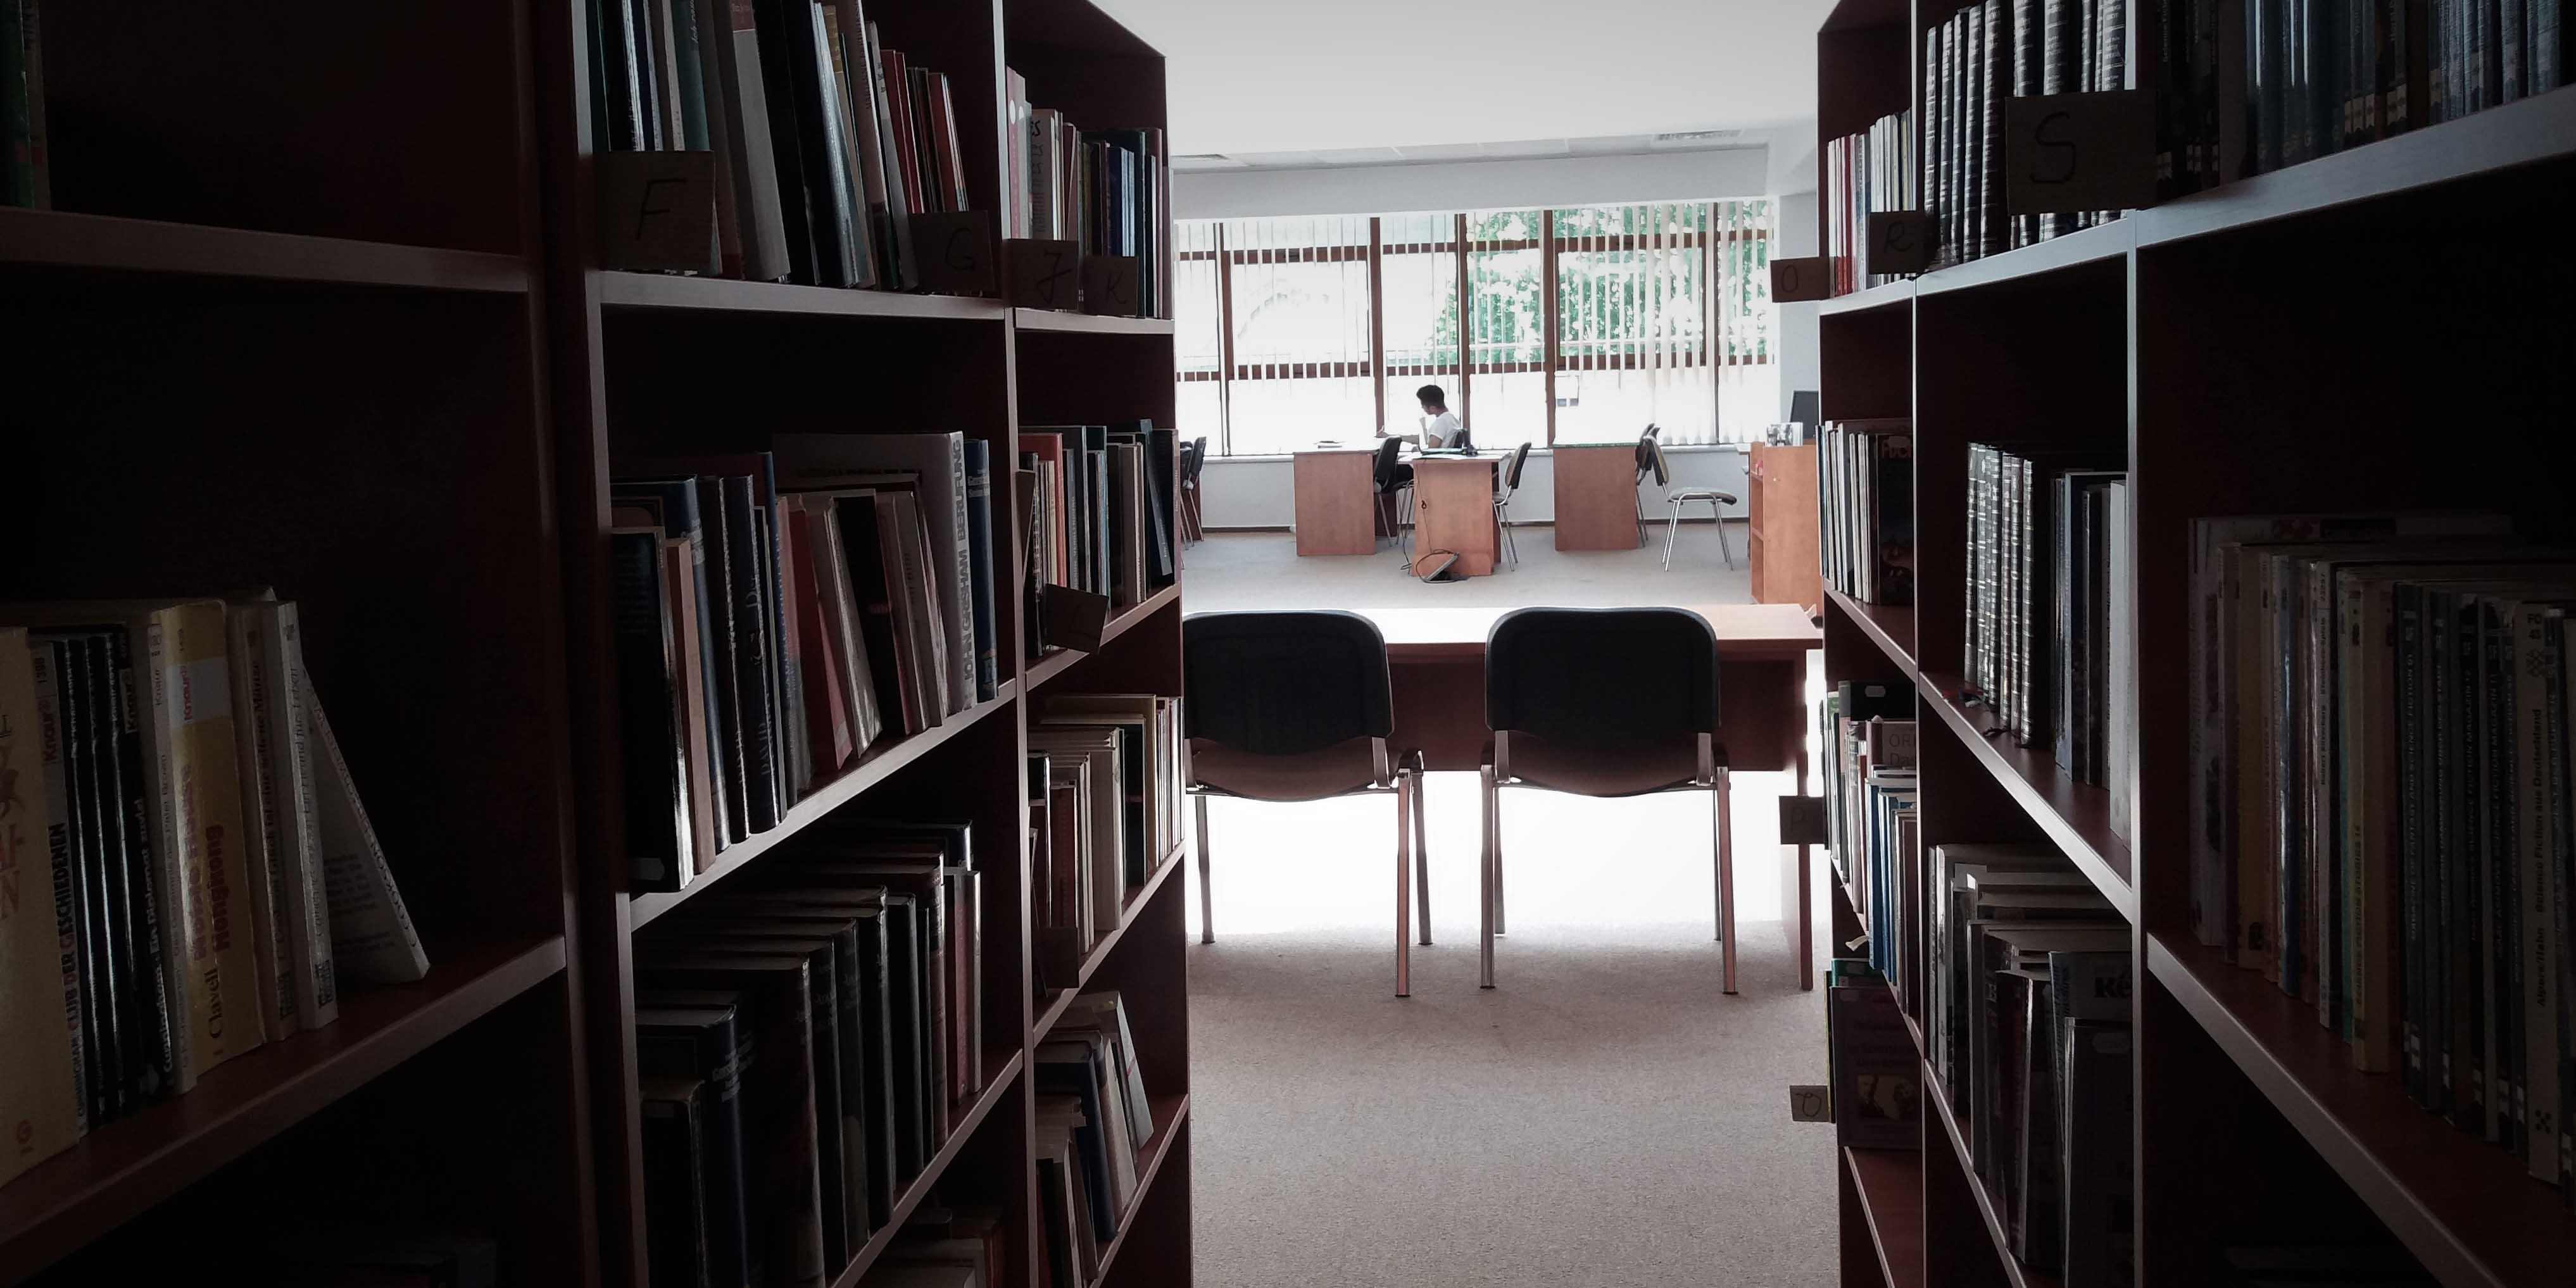 Sala de Lectură în mansarda Bibliotecii Județene ASTRA